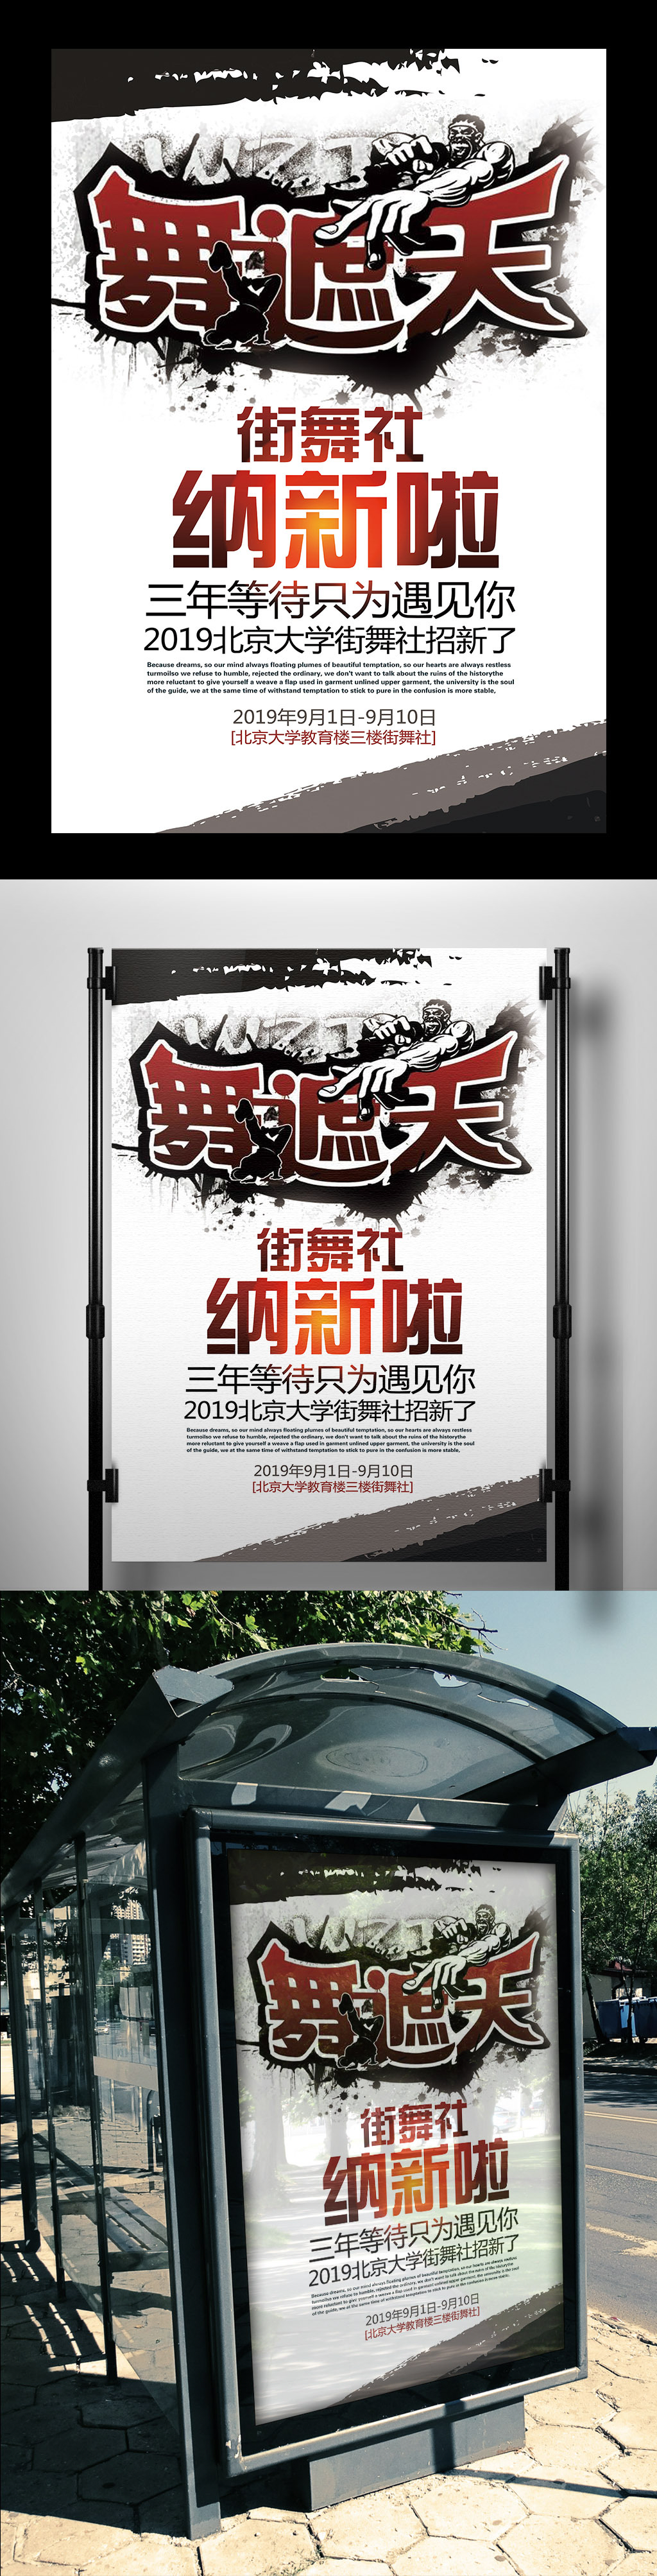 涂鸦酷炫风街舞纳新海报